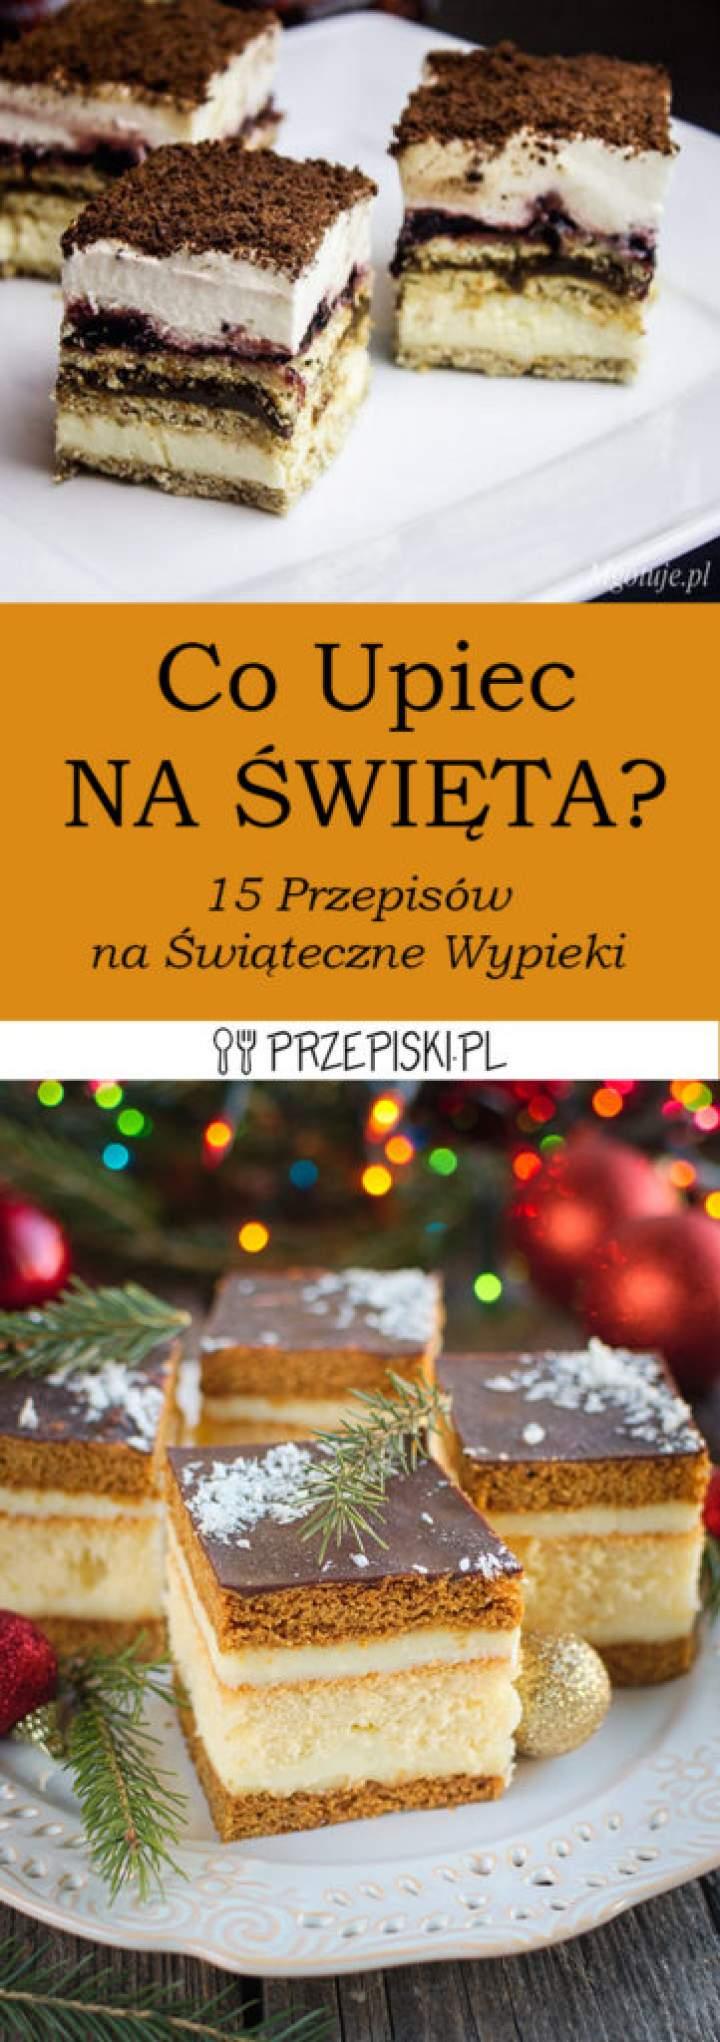 Jakie Ciasto na Święta – TOP 15 Przepisów na Świąteczne Wypieki